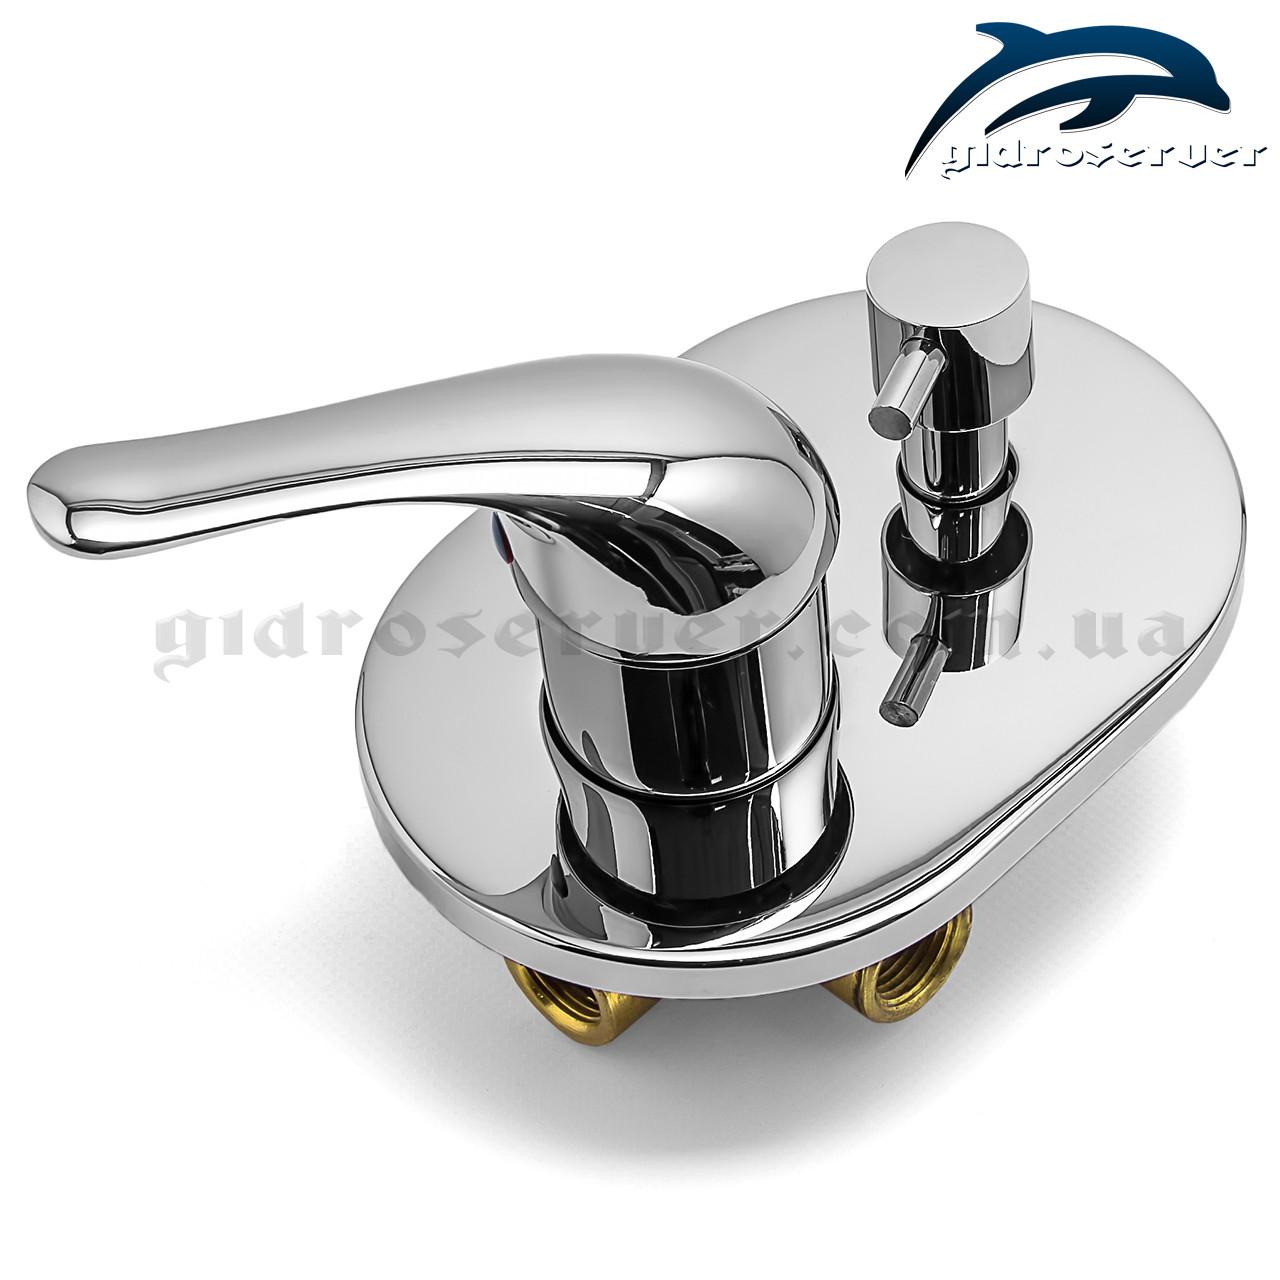 Смеситель для душа и ванны скрытого монтажа SV-02 на 2 режима., фото 1